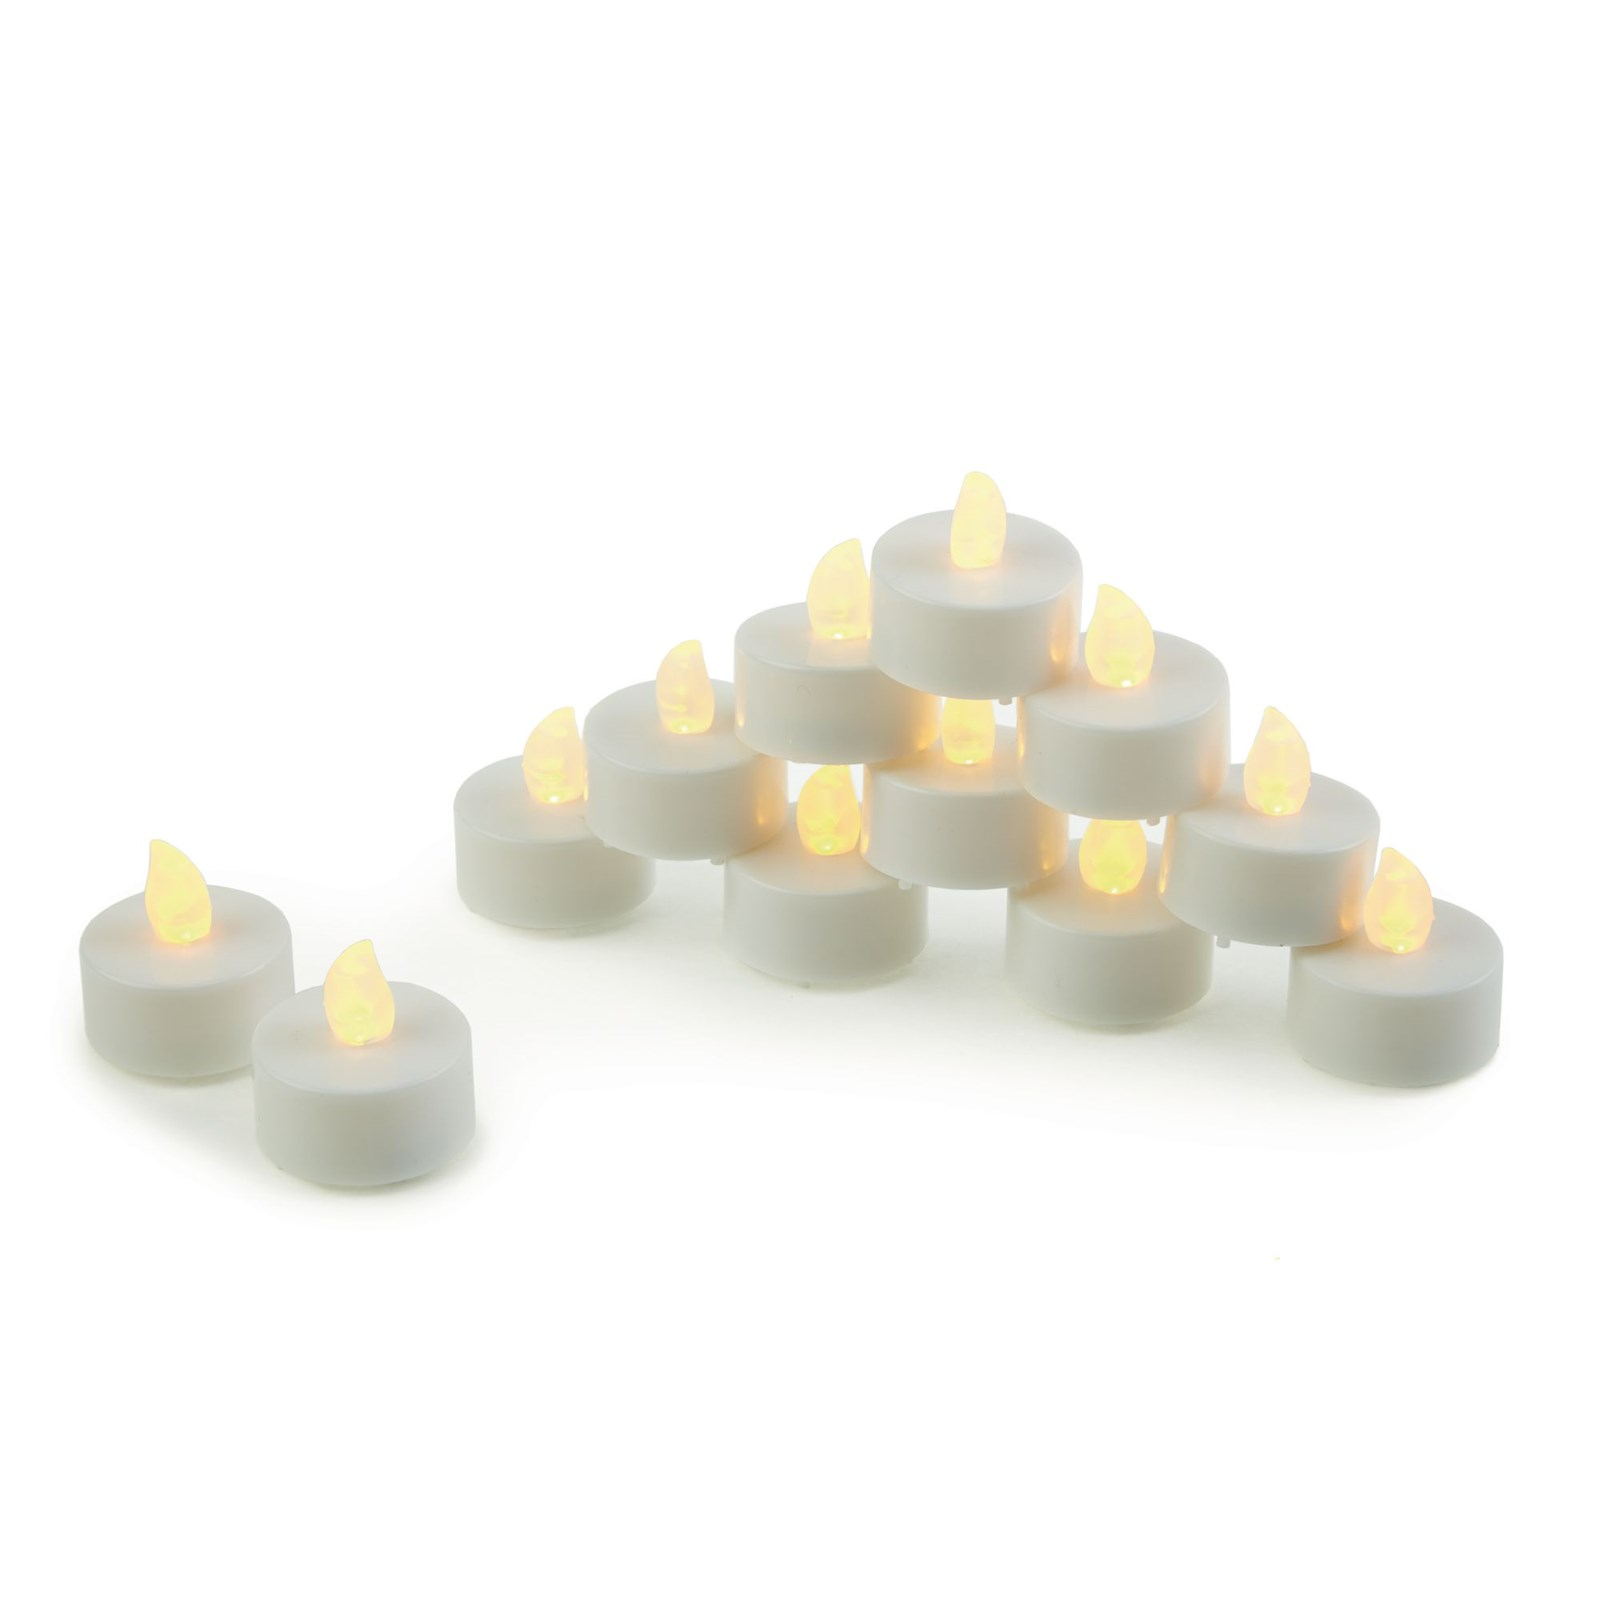 LED Tealights